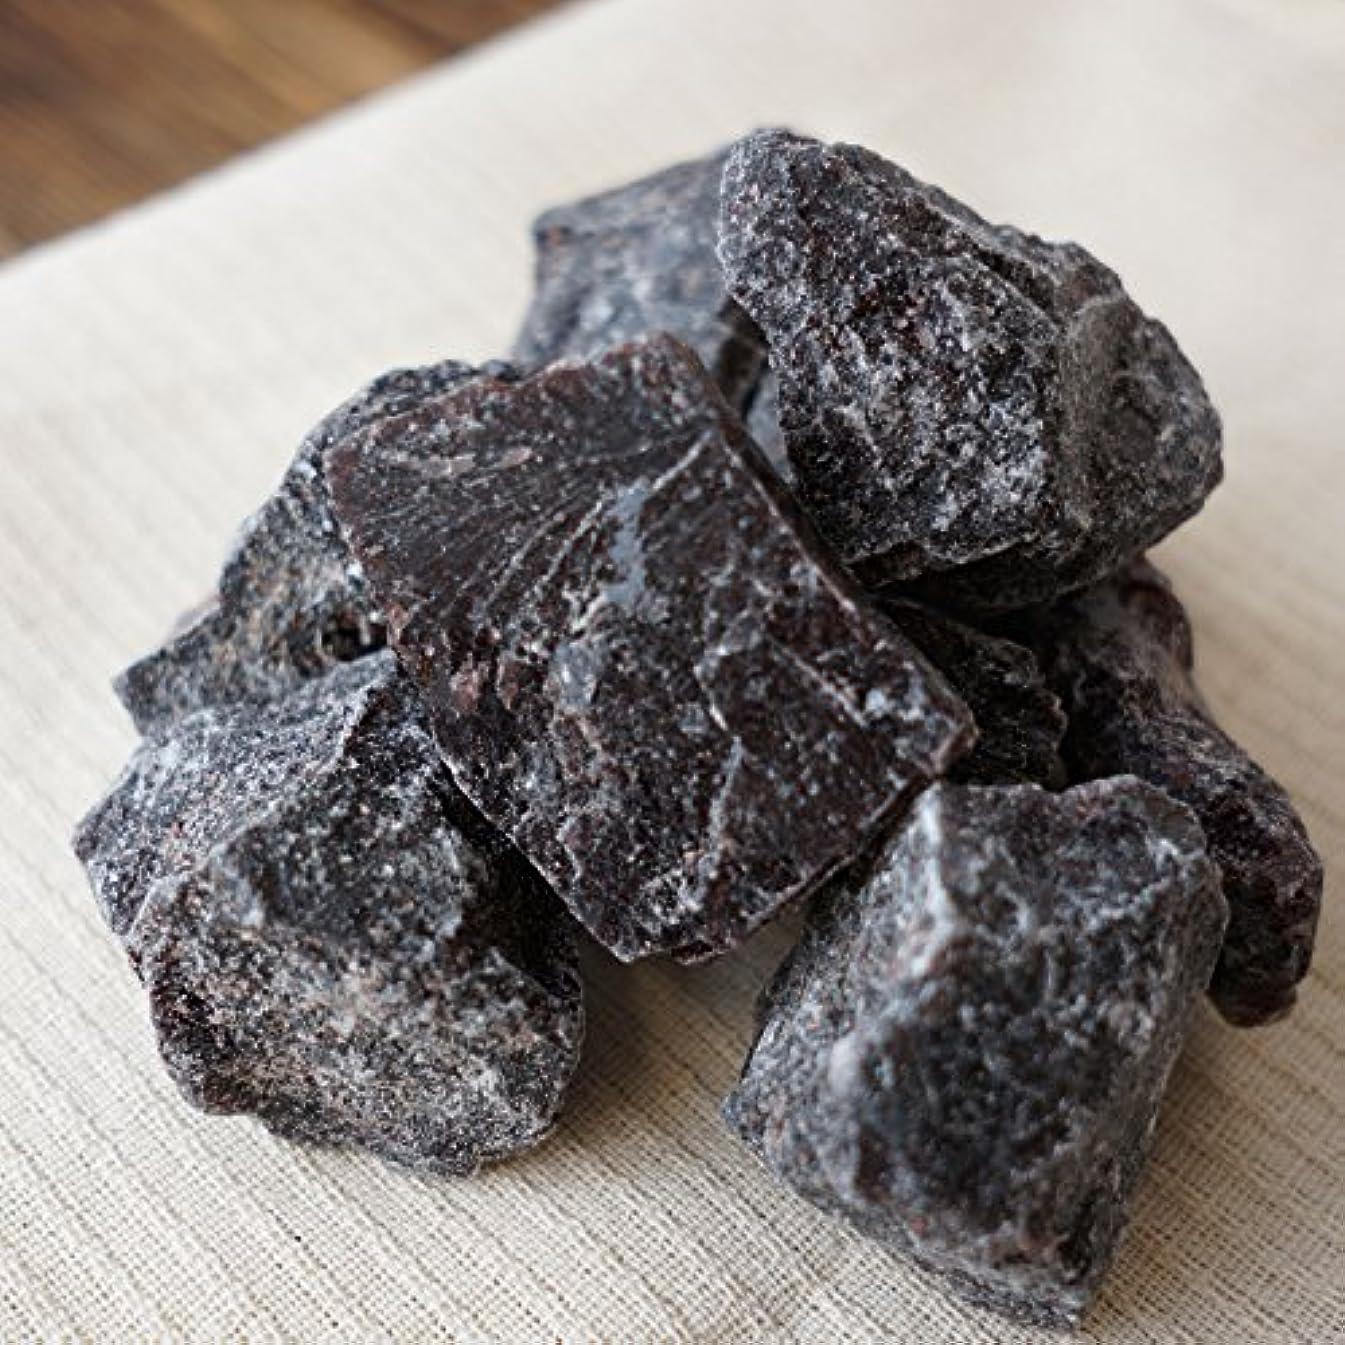 ごめんなさい集団きしむ希少 インド岩塩 ルビー ブロック 約2-5cm 10kg 10,000g 原料